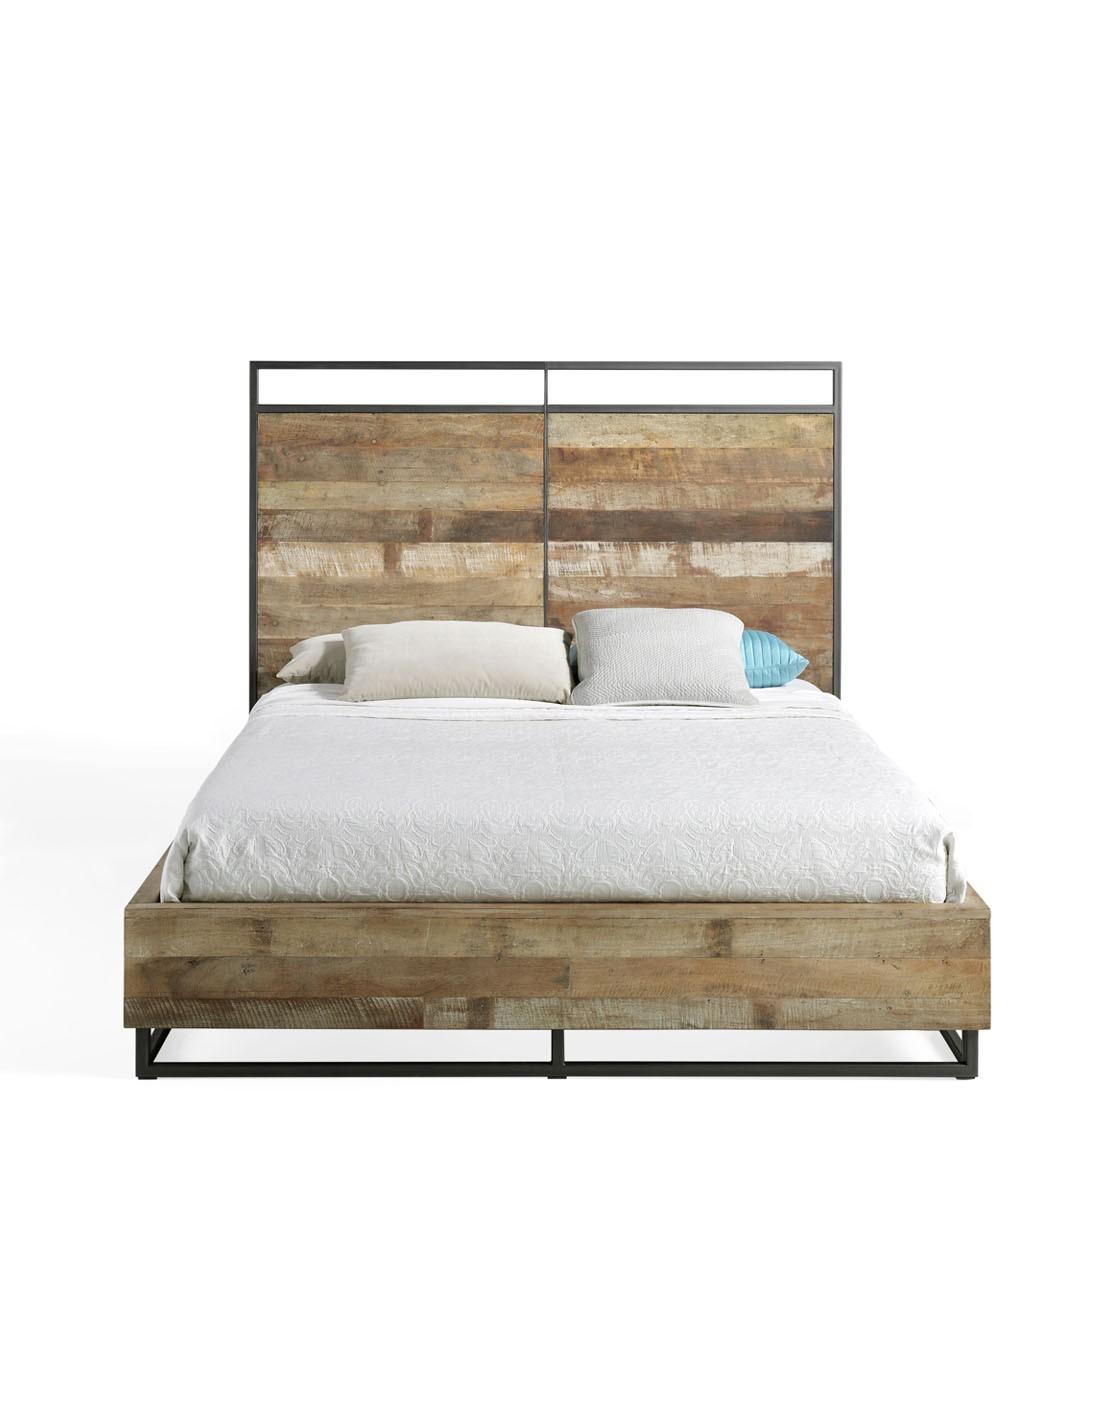 Modernūs miegamojo baldai Tuareg 1